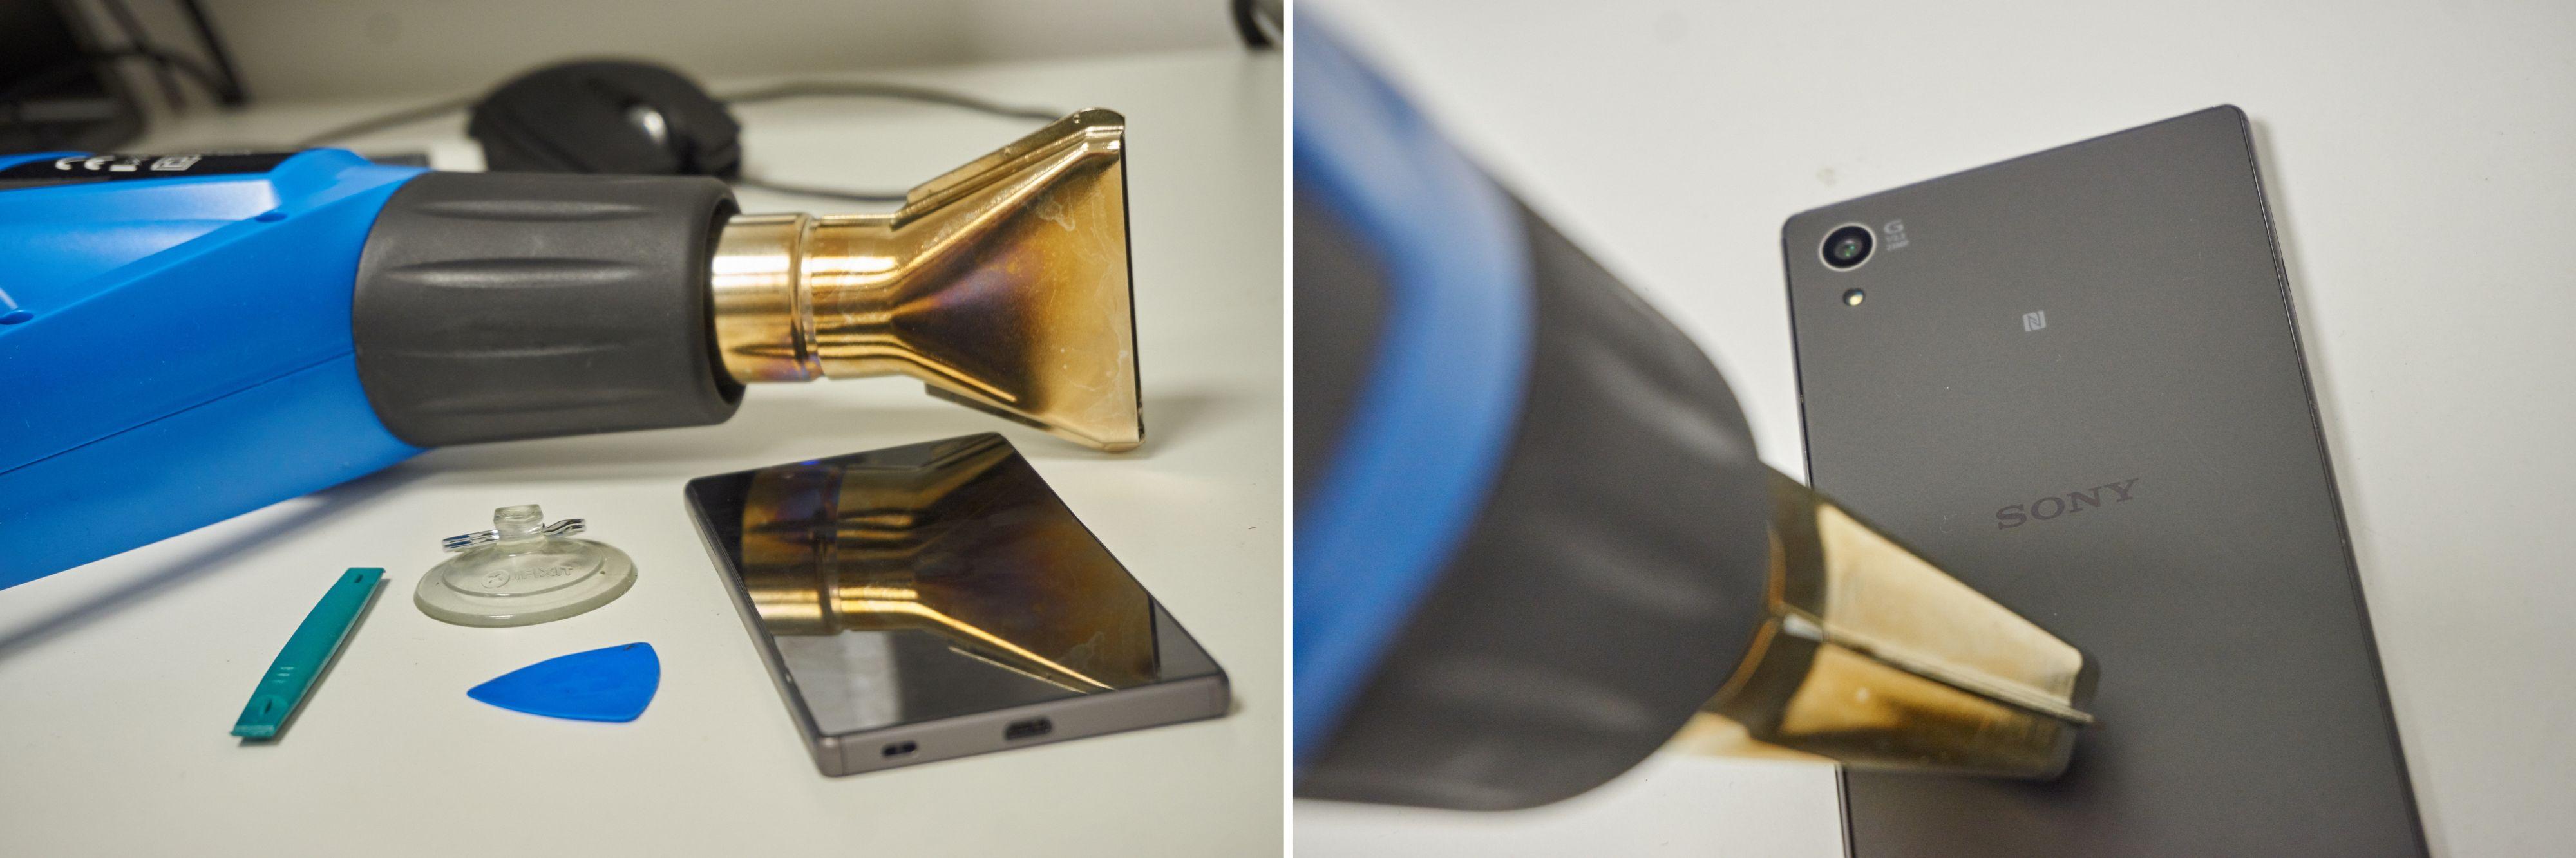 Her er utstyret vi brukte for å skille glass og ramme.